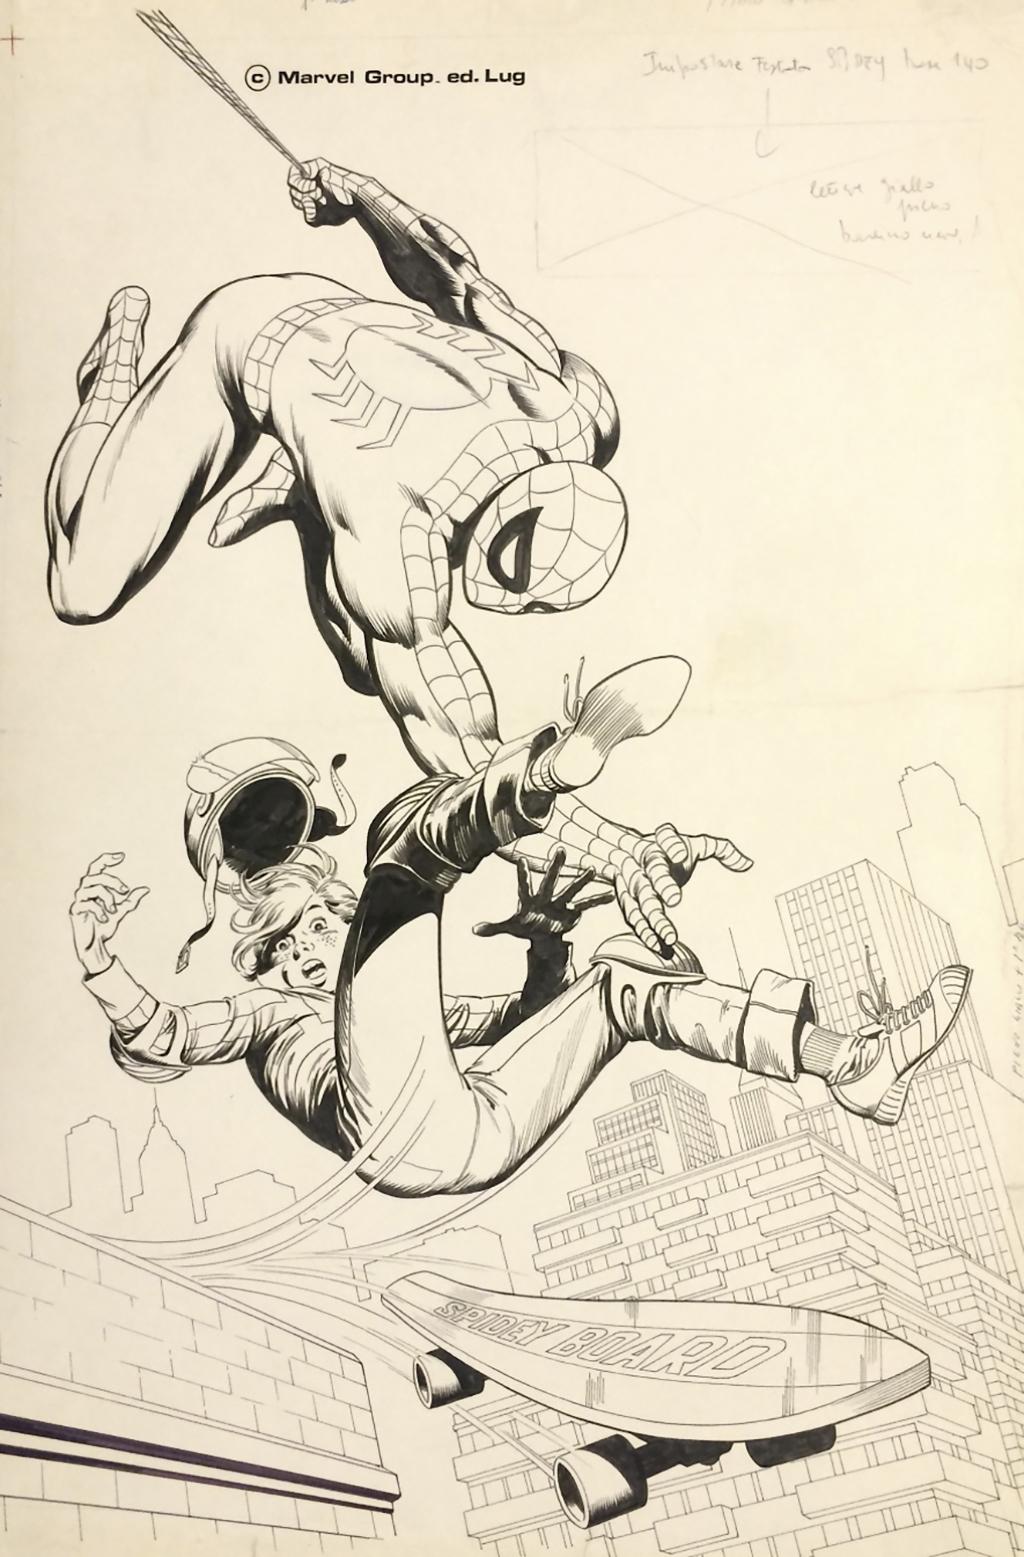 Spidey 2 – Planche originale 49 x 34 cm – Encre de chine – © Éditions Lug, 1979 – © Jean-Yves Mitton, 1979